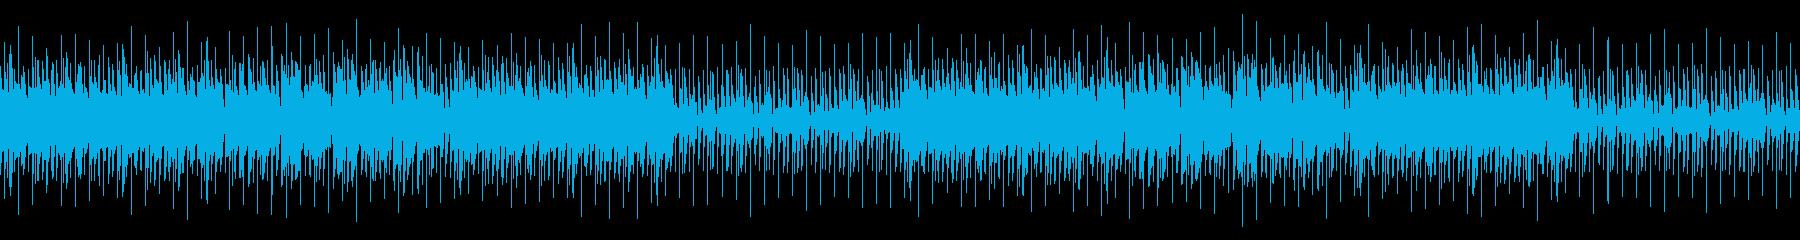 ケルト・RPG・ゲーム・ループの再生済みの波形